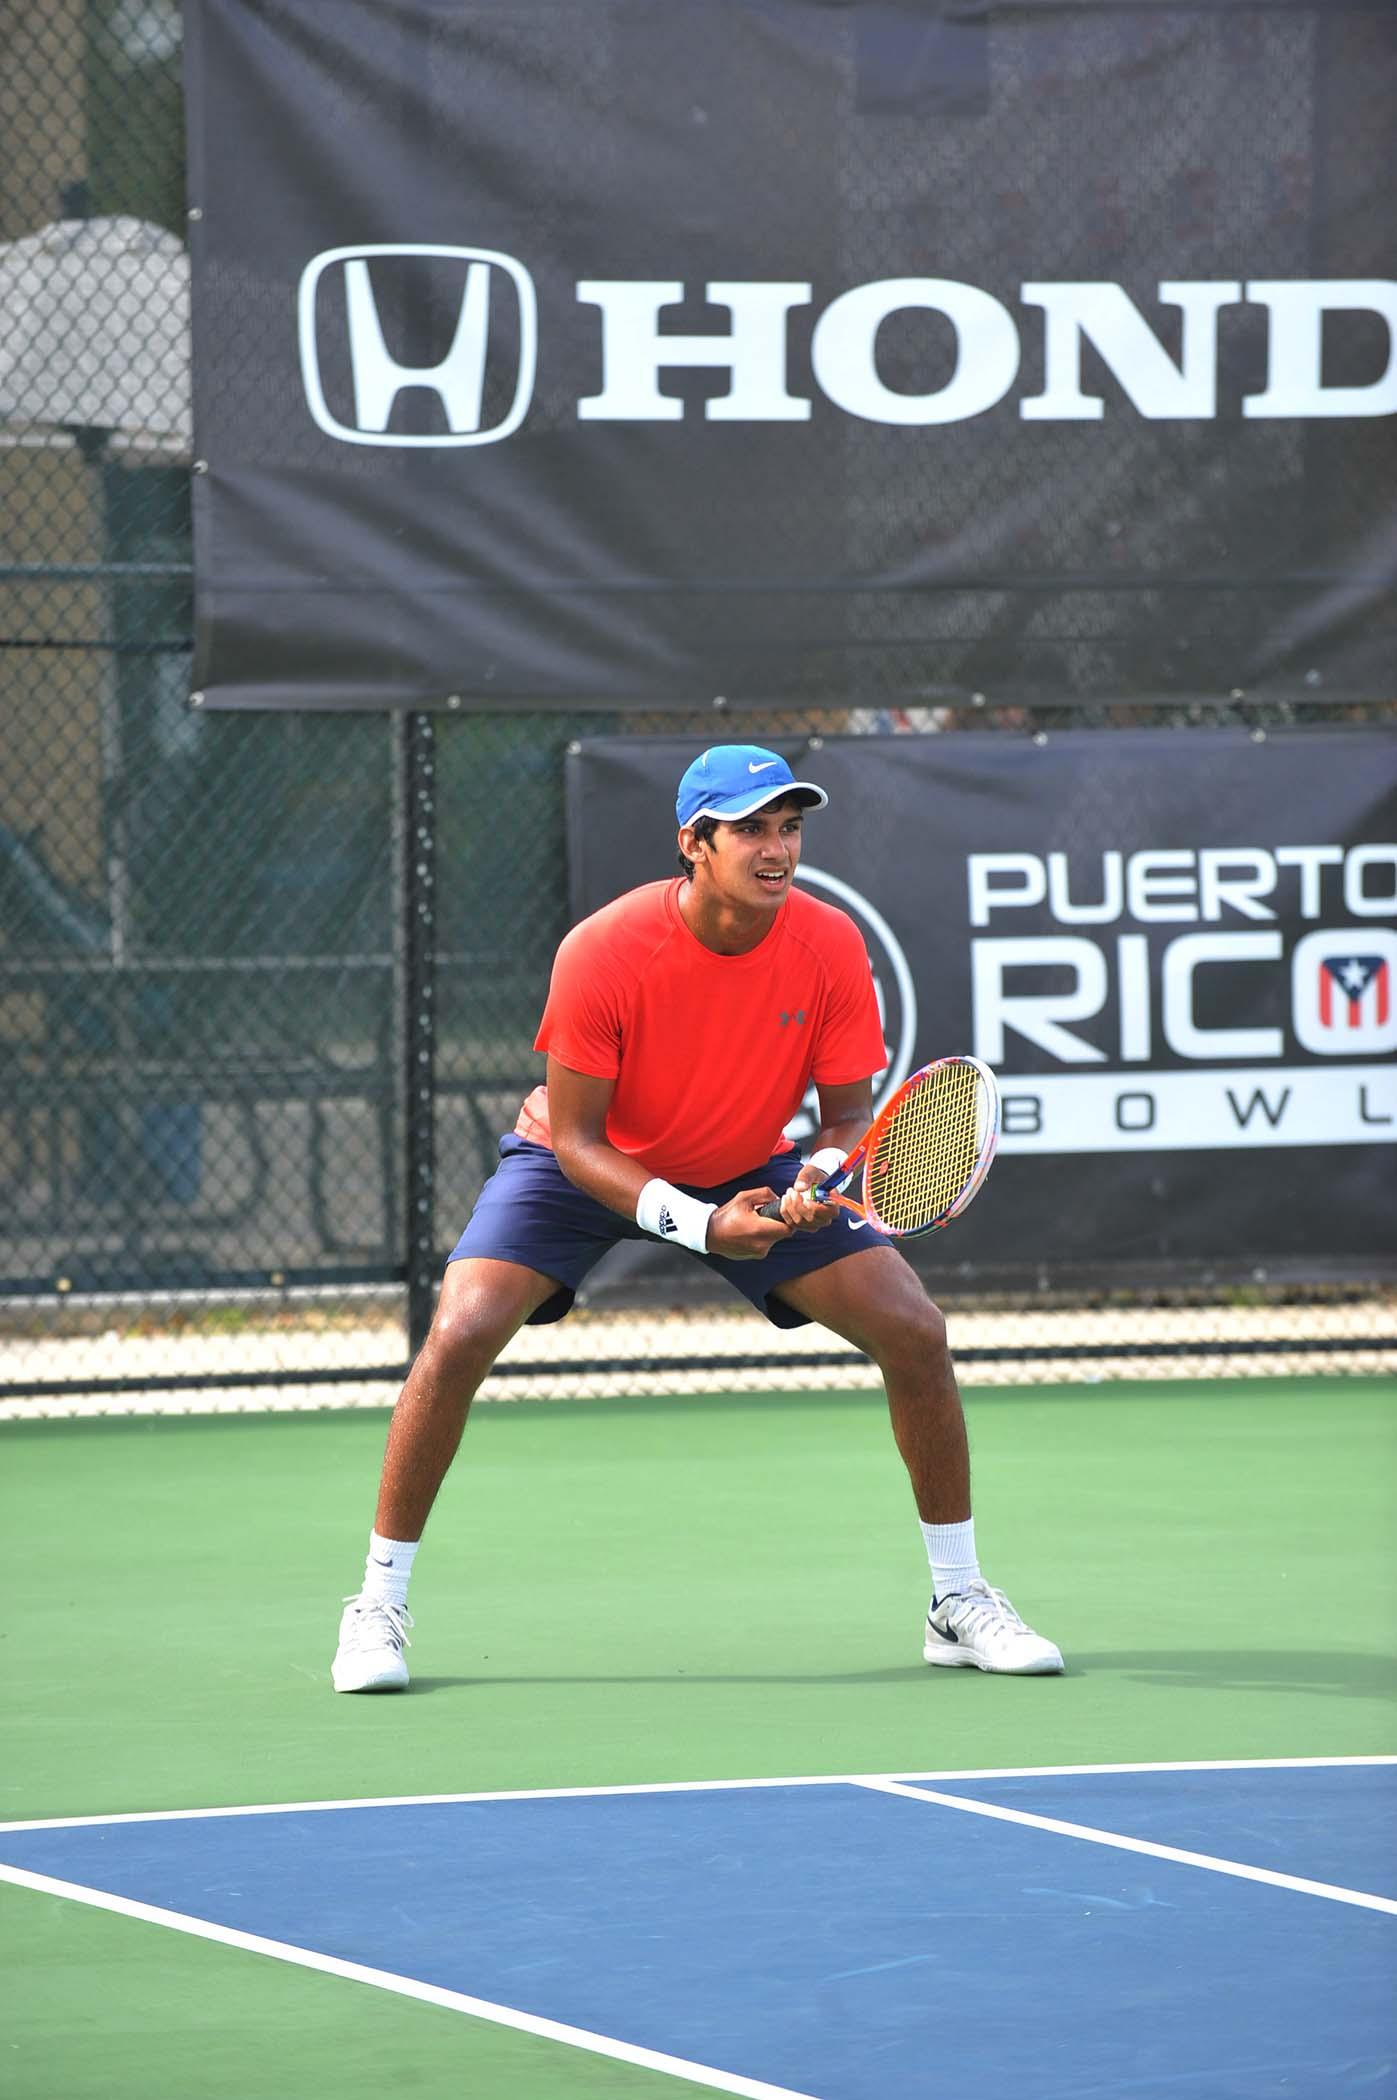 Andrew Mariados representando a USA